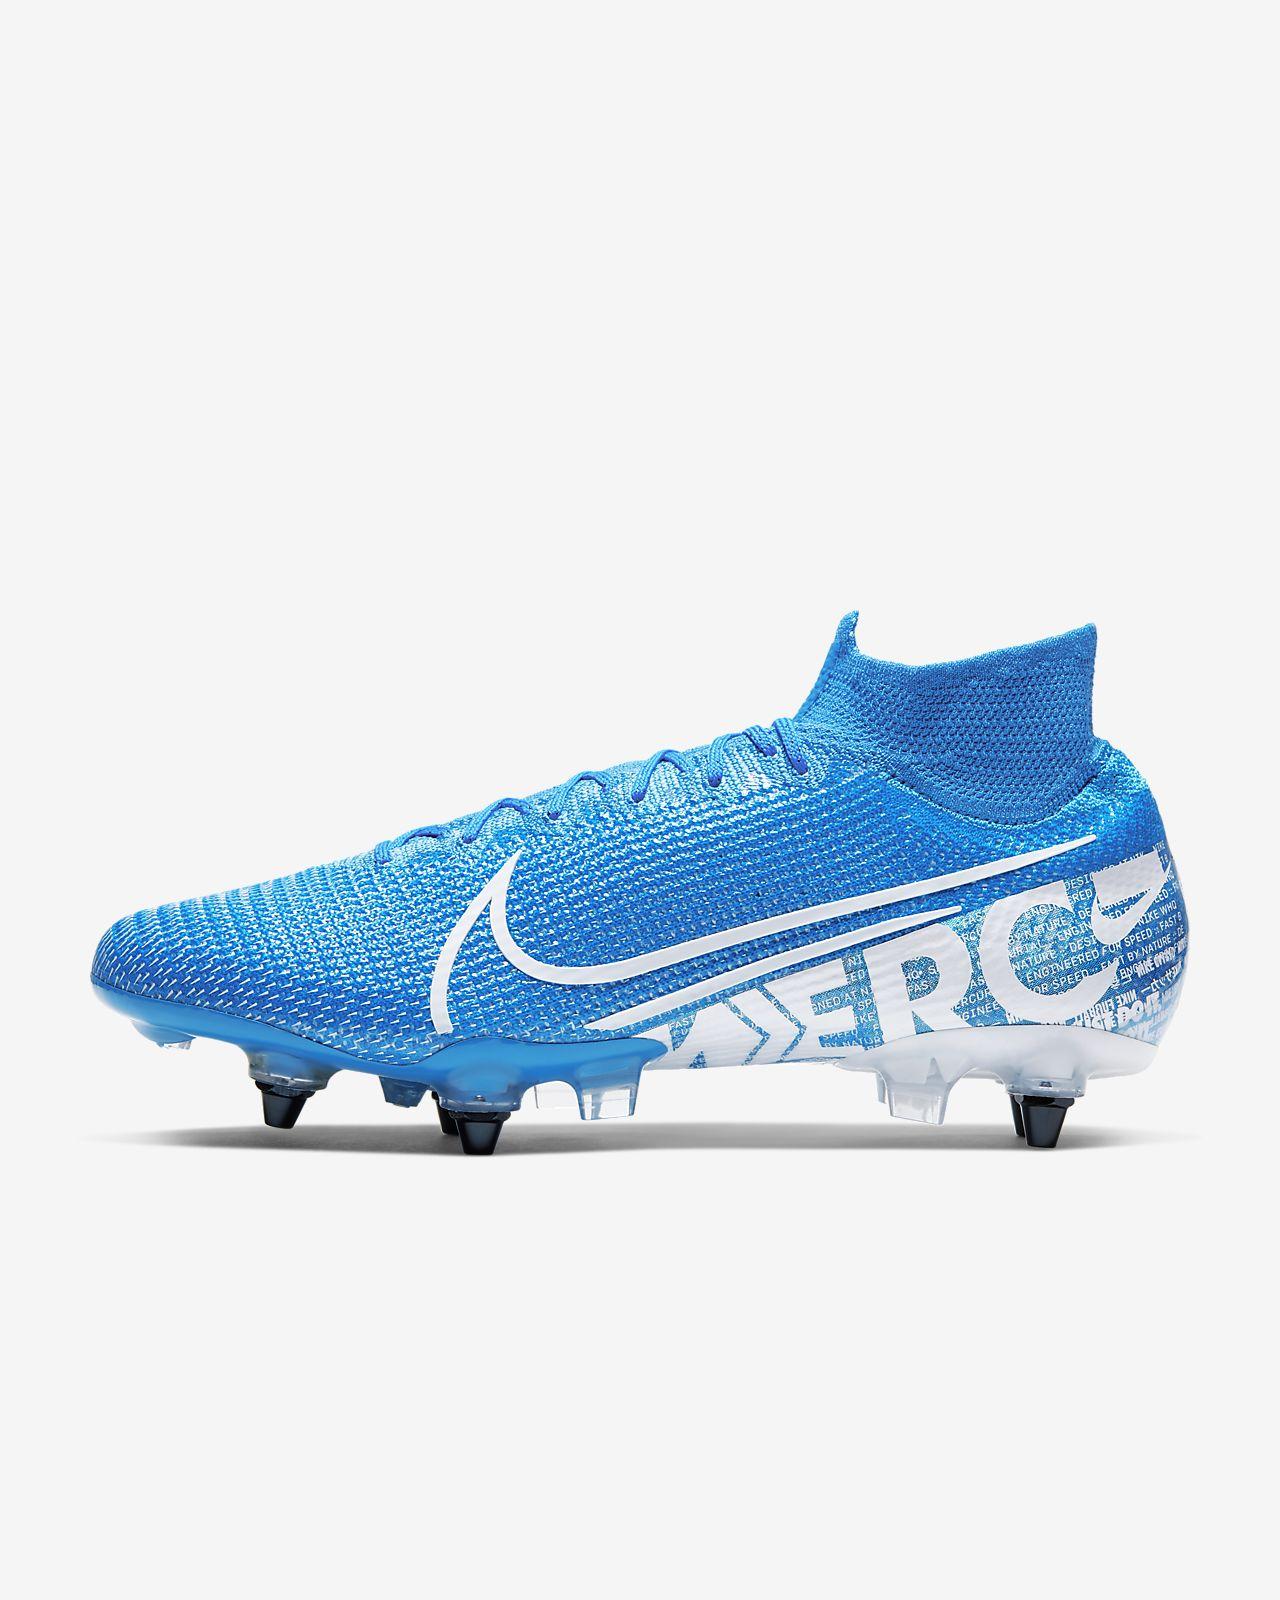 Tienda De Zapatos De Fútbol Nike,Mercurial Superfly VI Pro